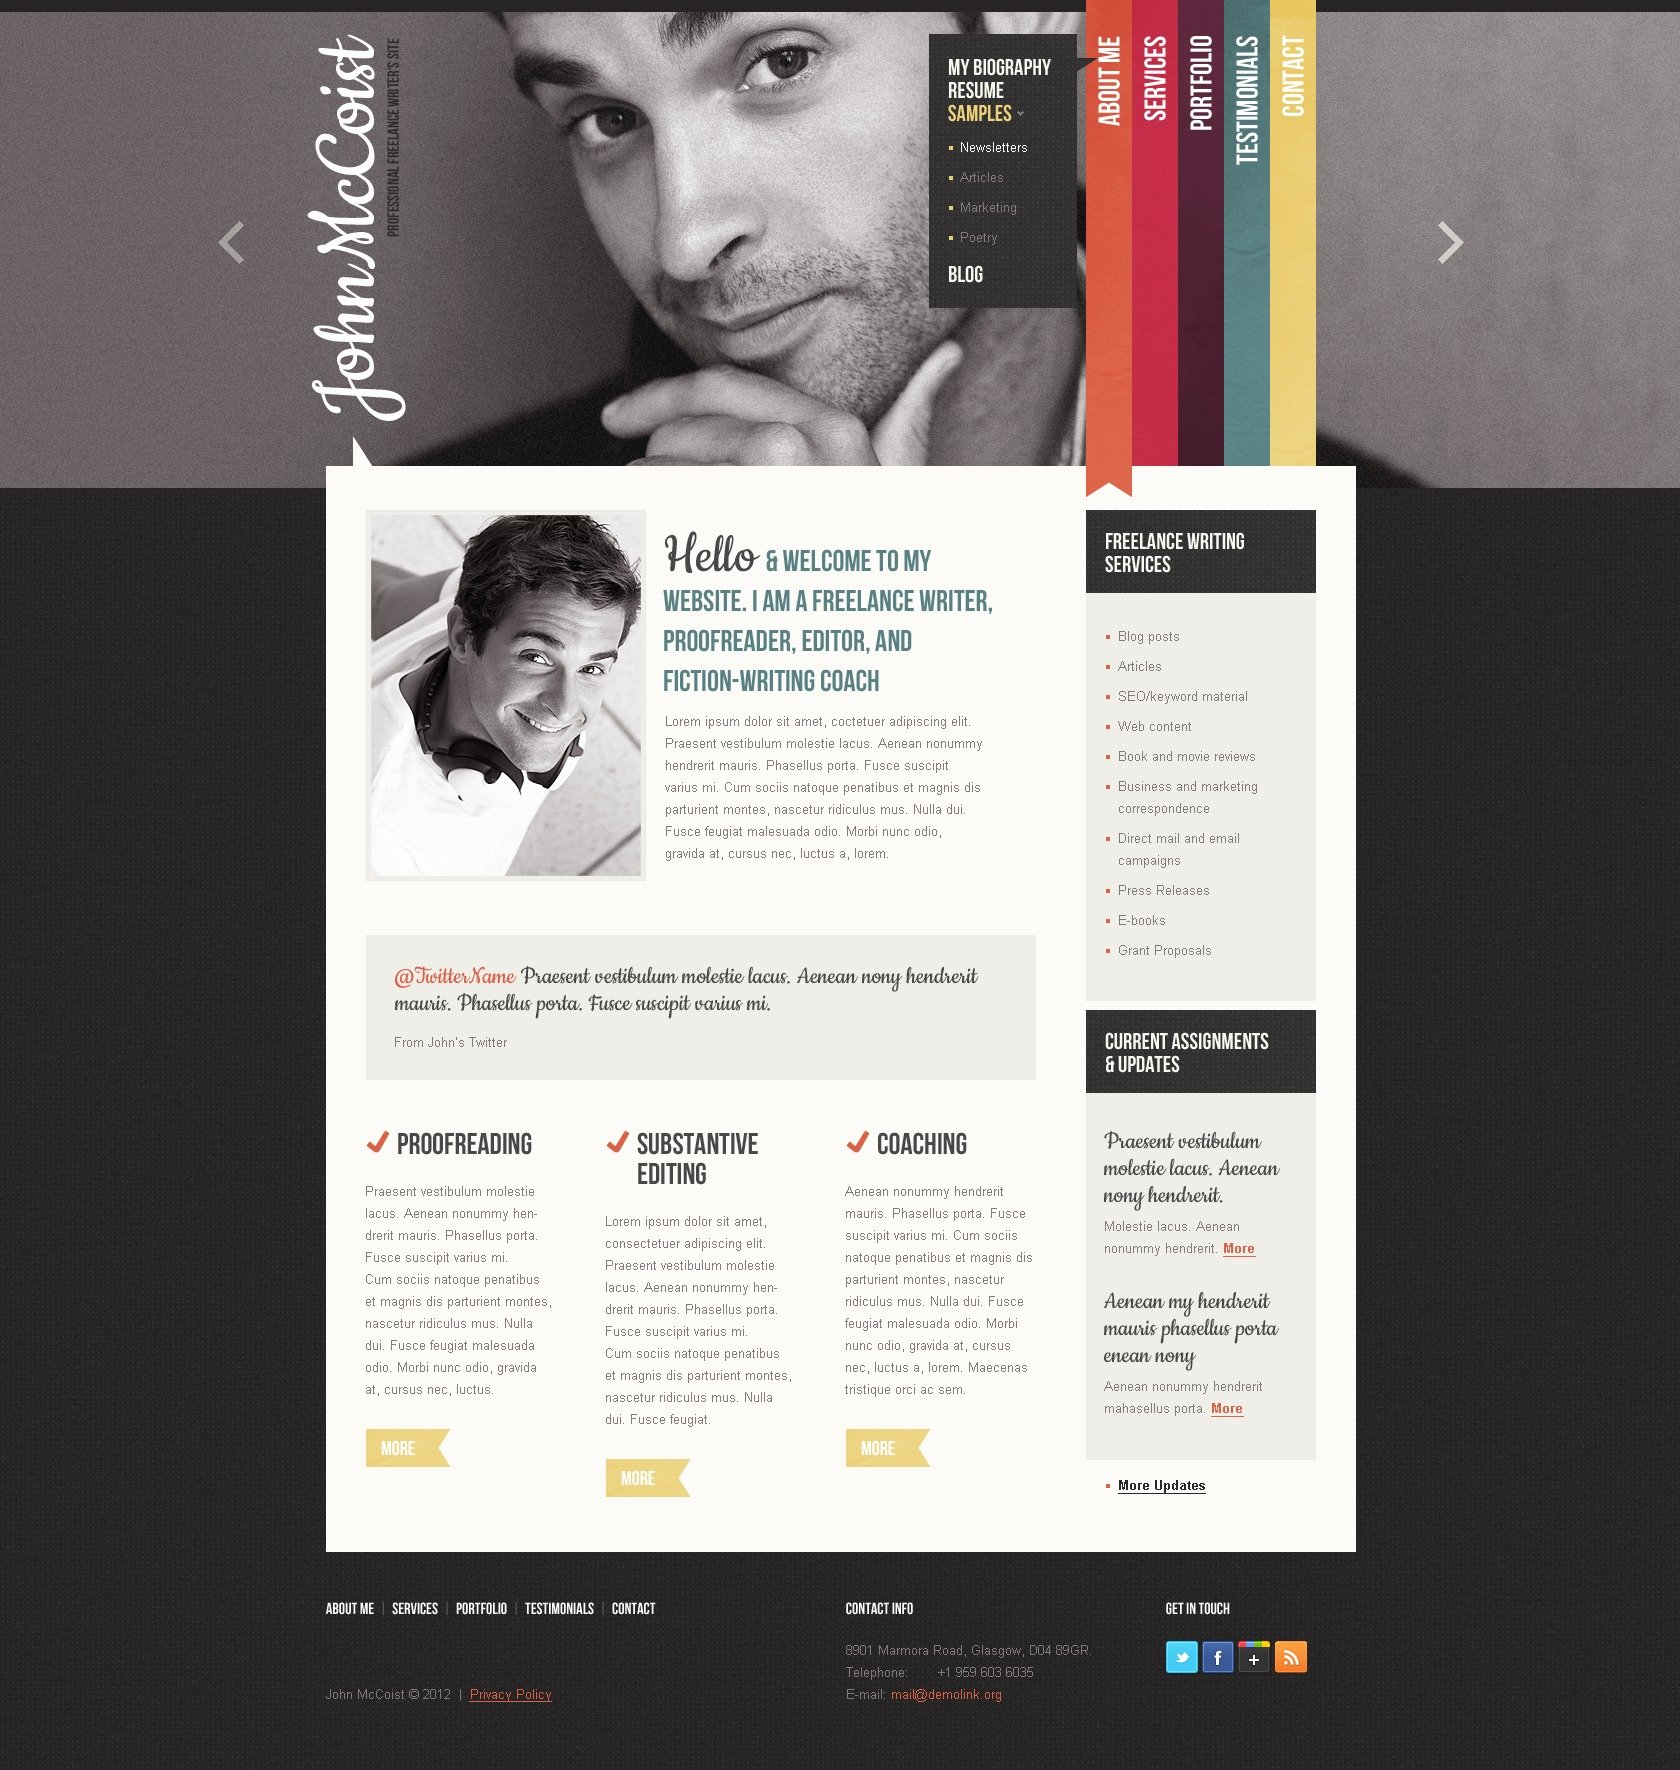 Nett Persönliche Website Vorlagen Html5 Galerie - Entry Level Resume ...